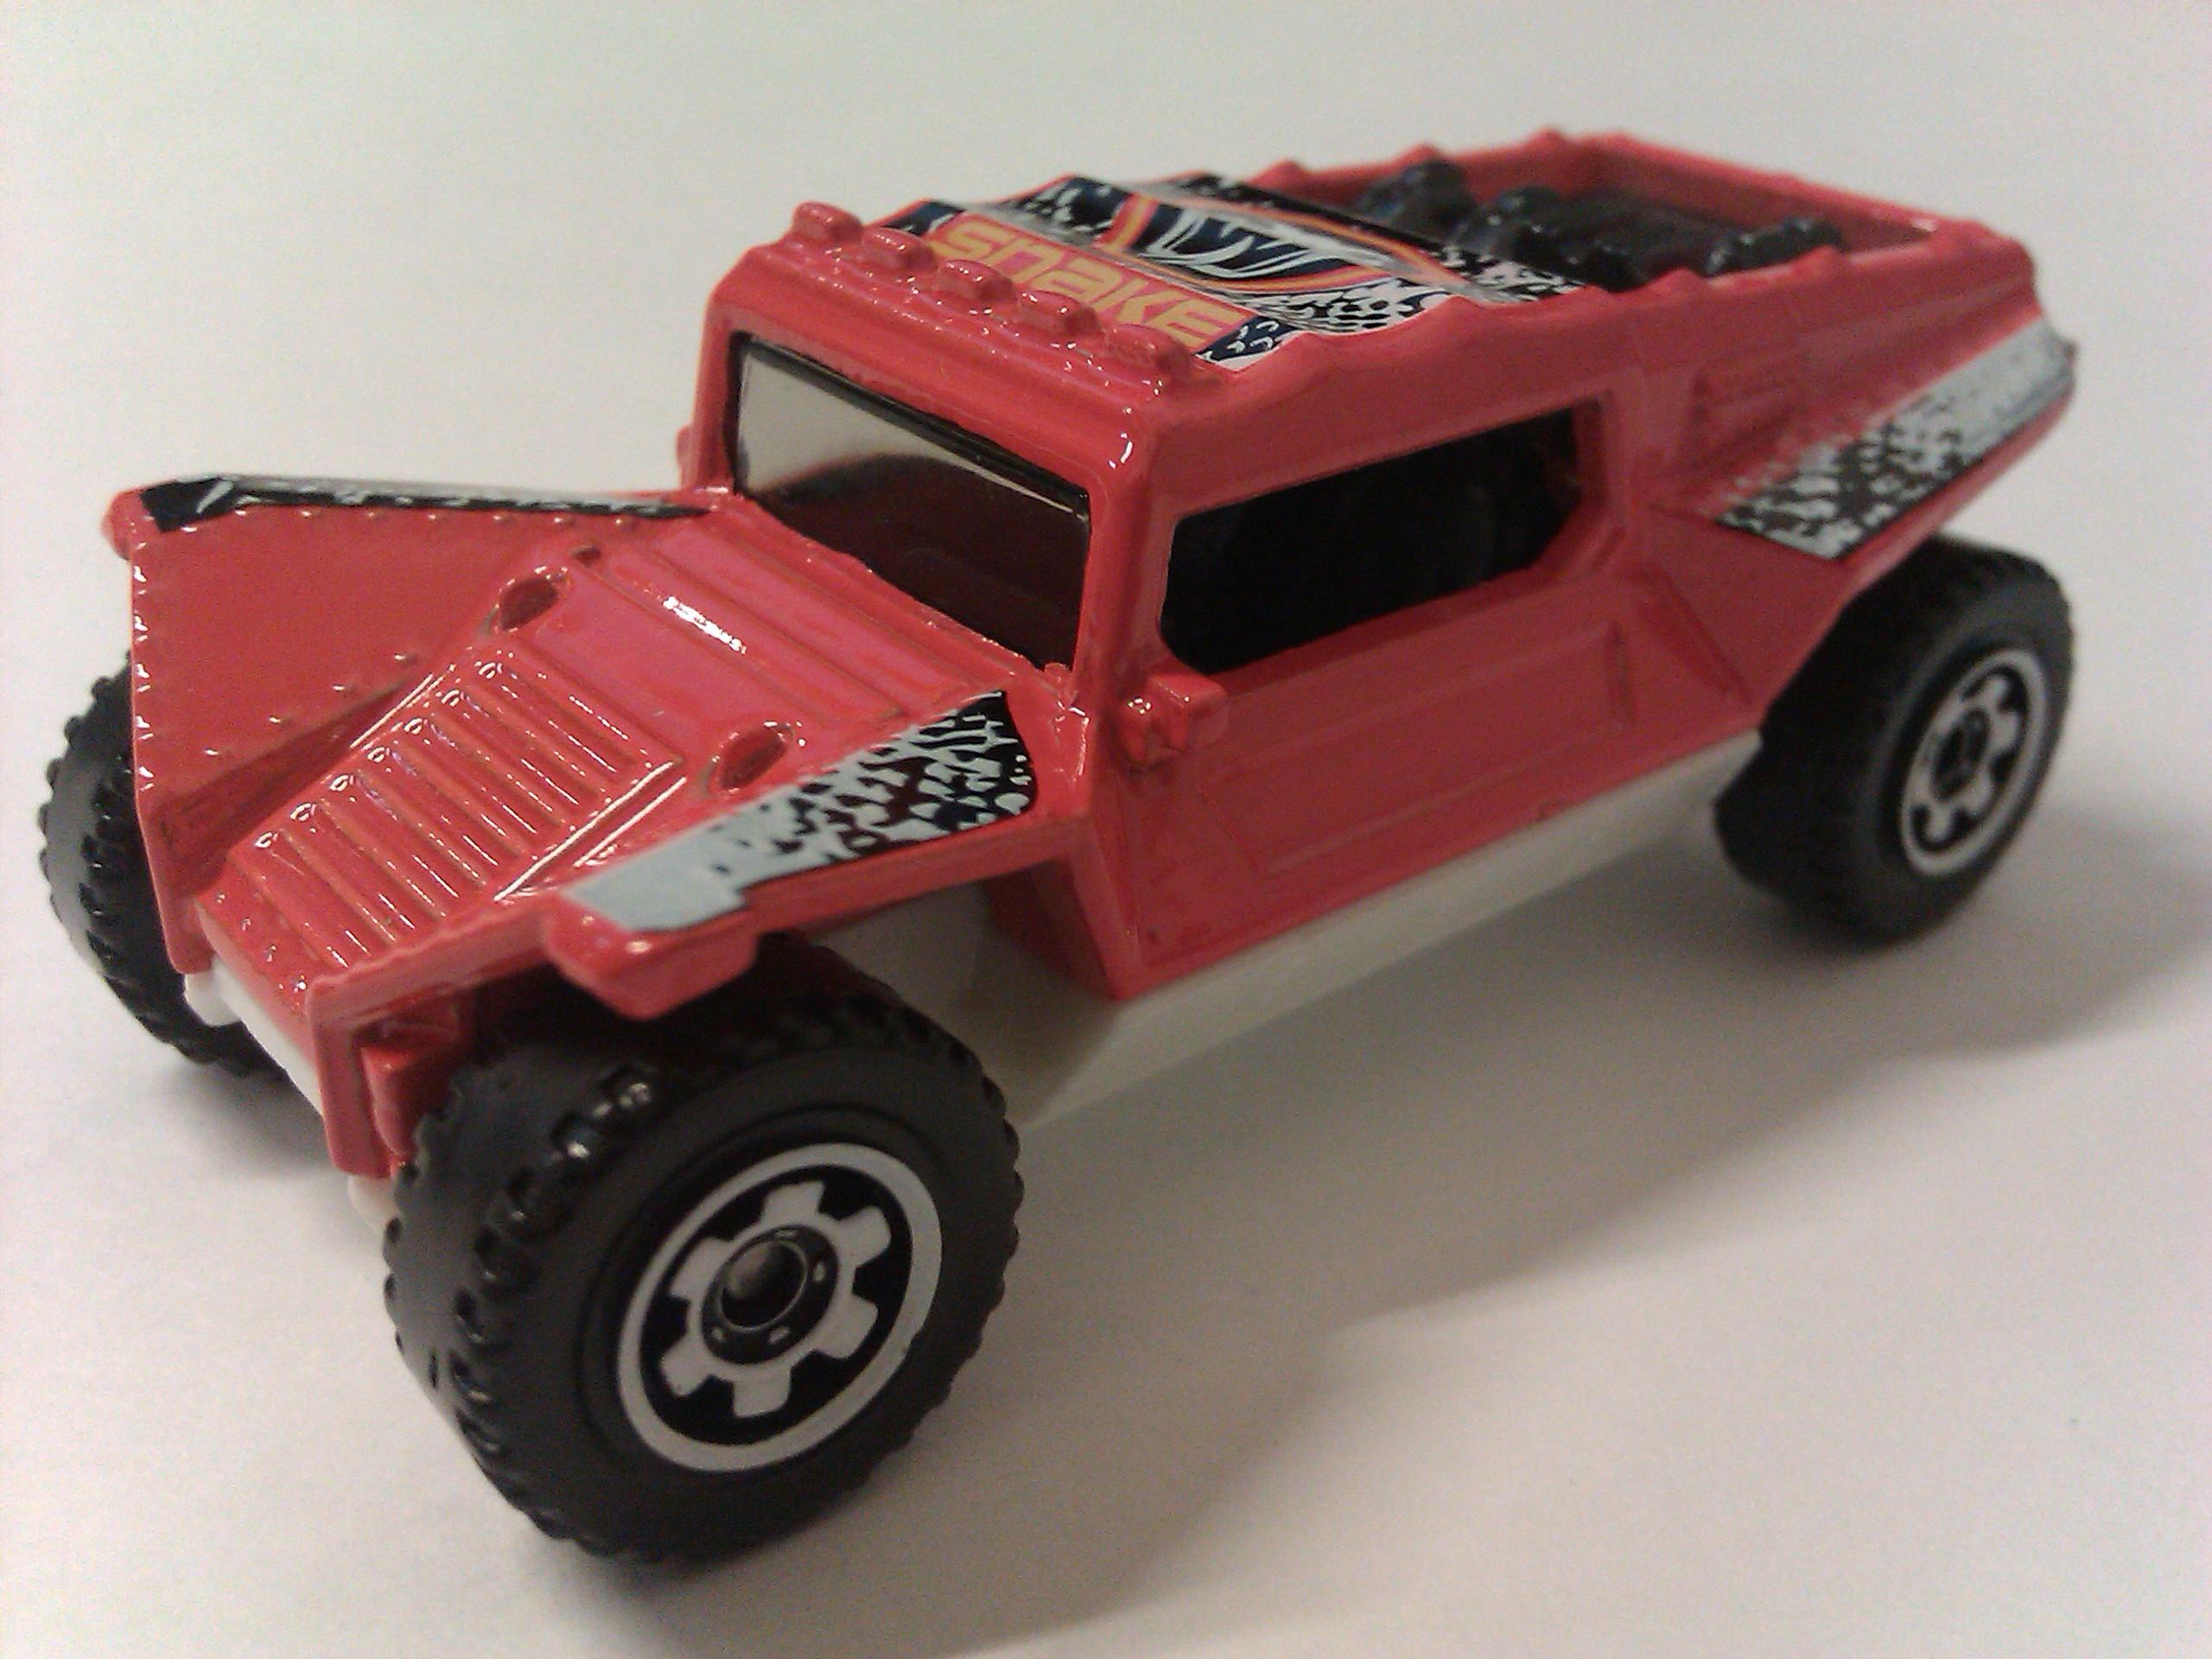 Coyote 500